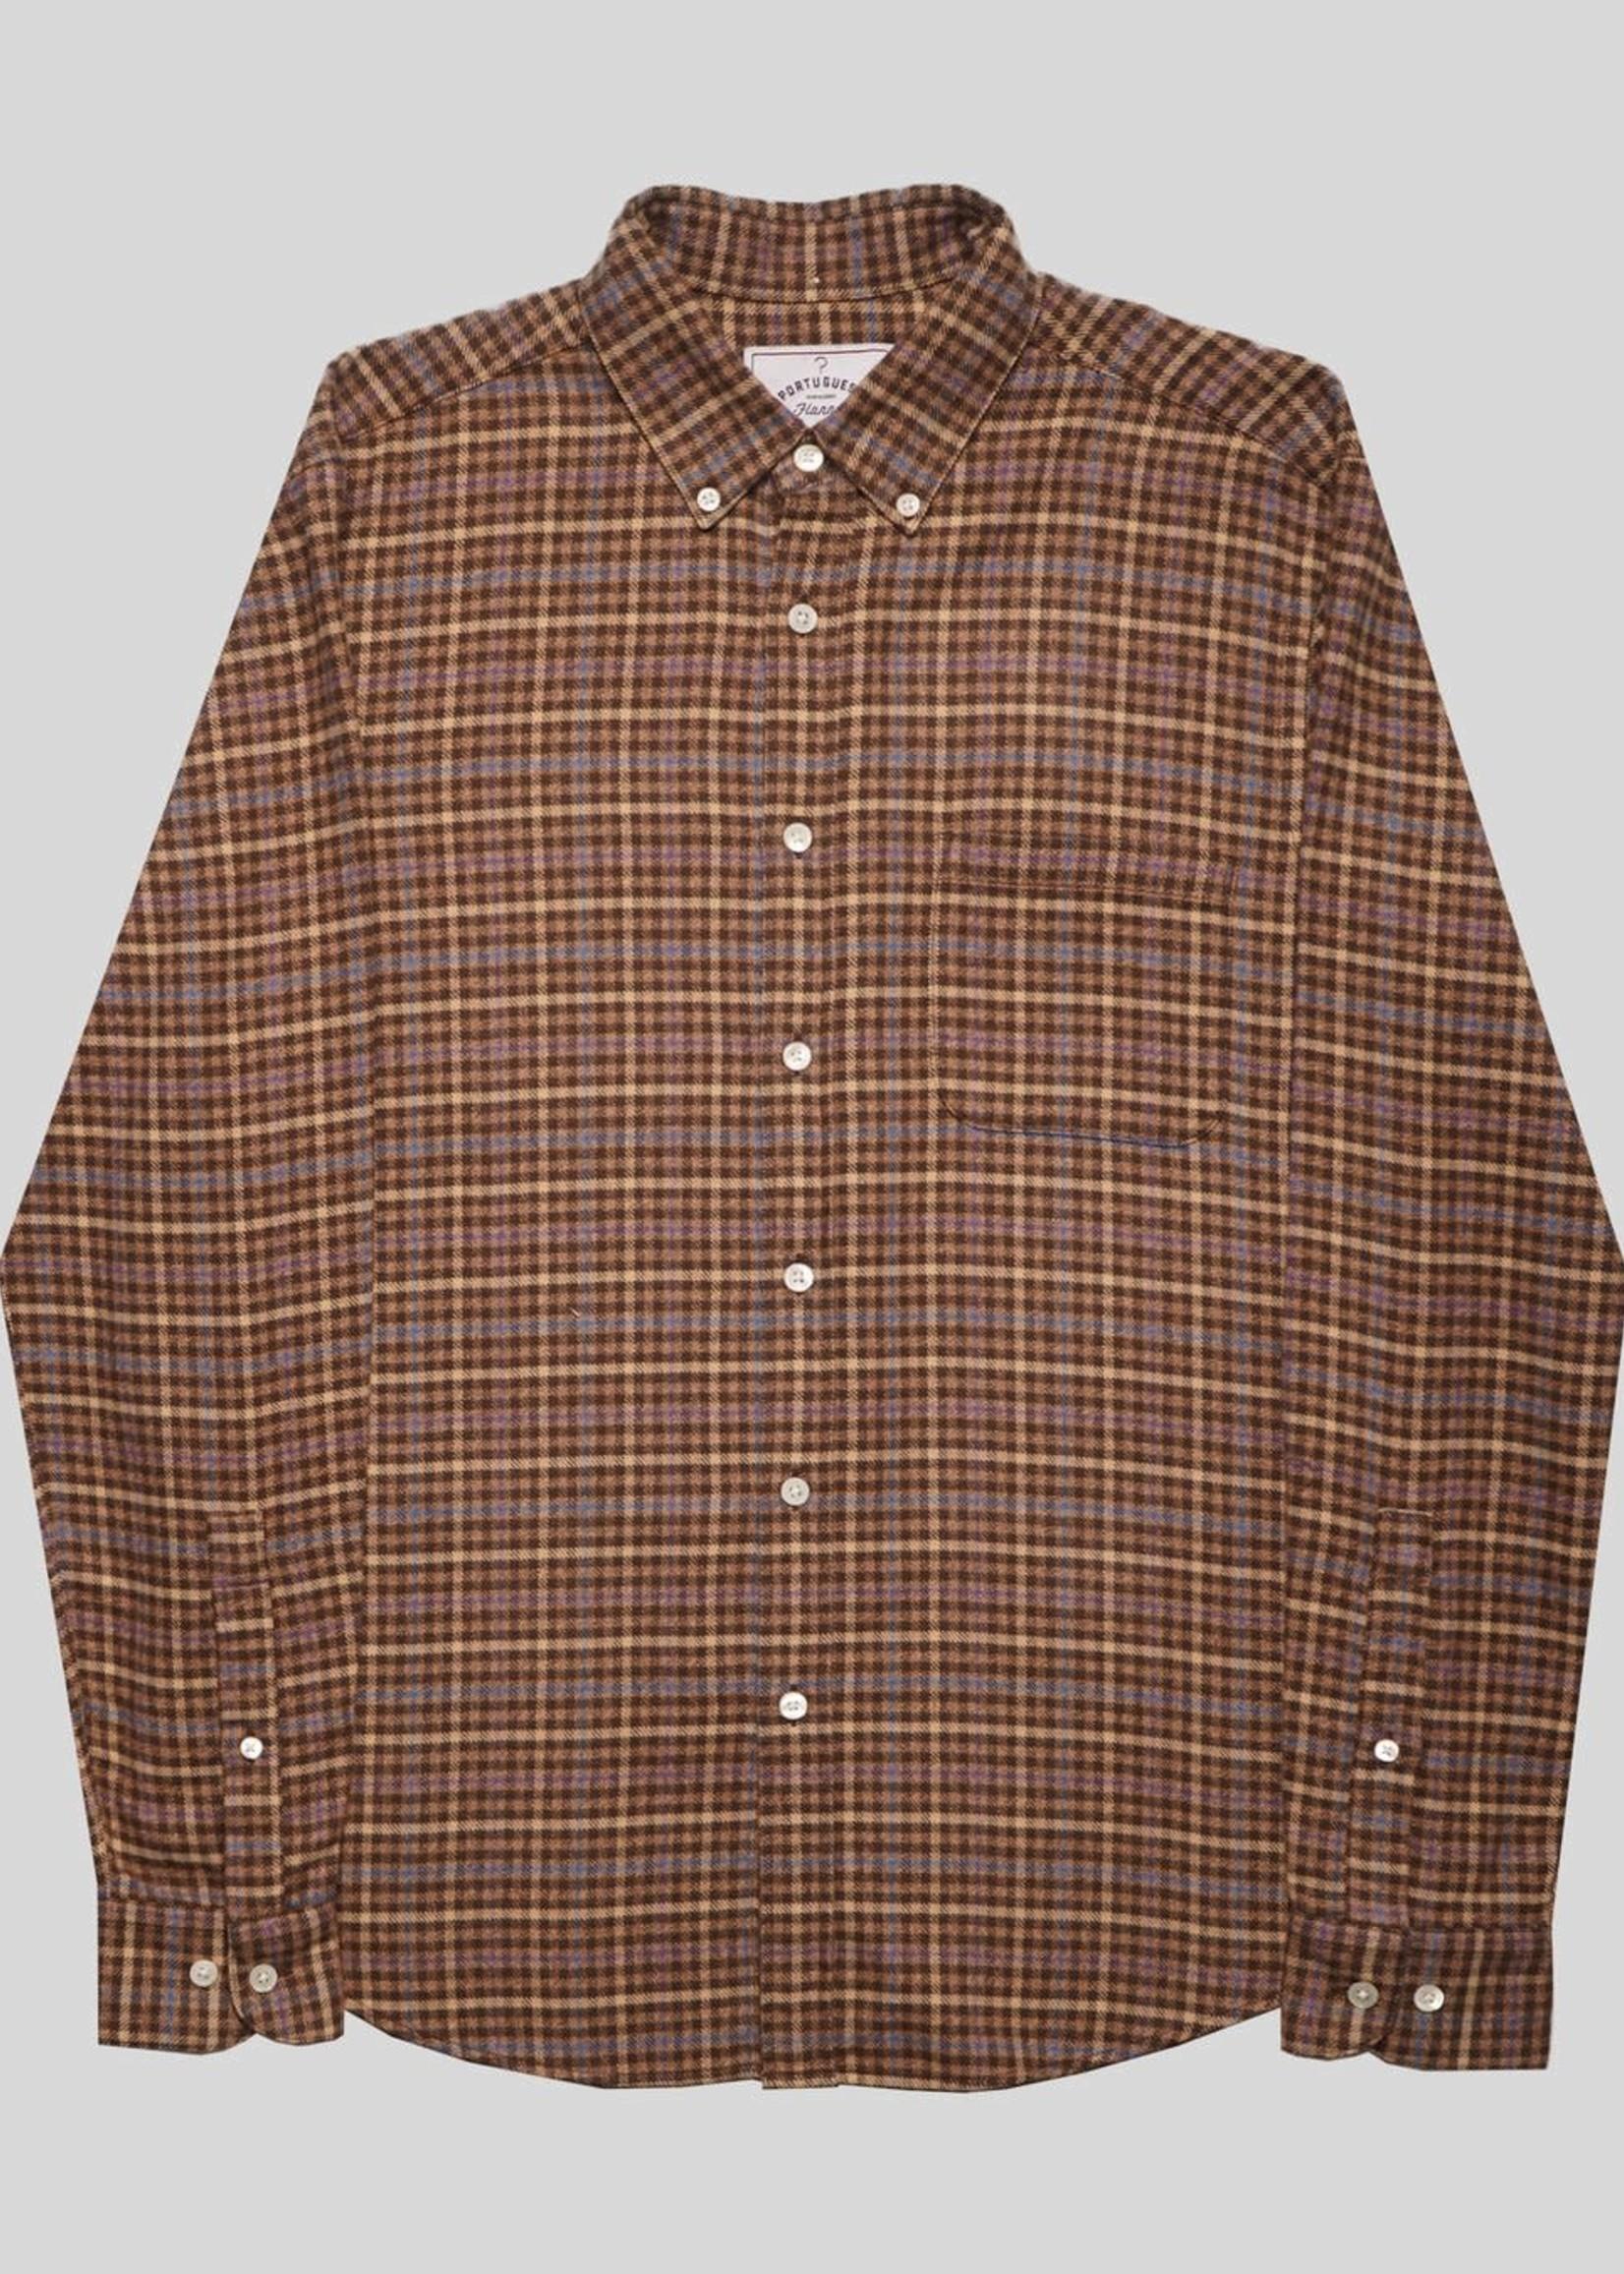 Portuguese Flannel Portuguese Flannel Twill Multi Check Flannel Sport Shirt